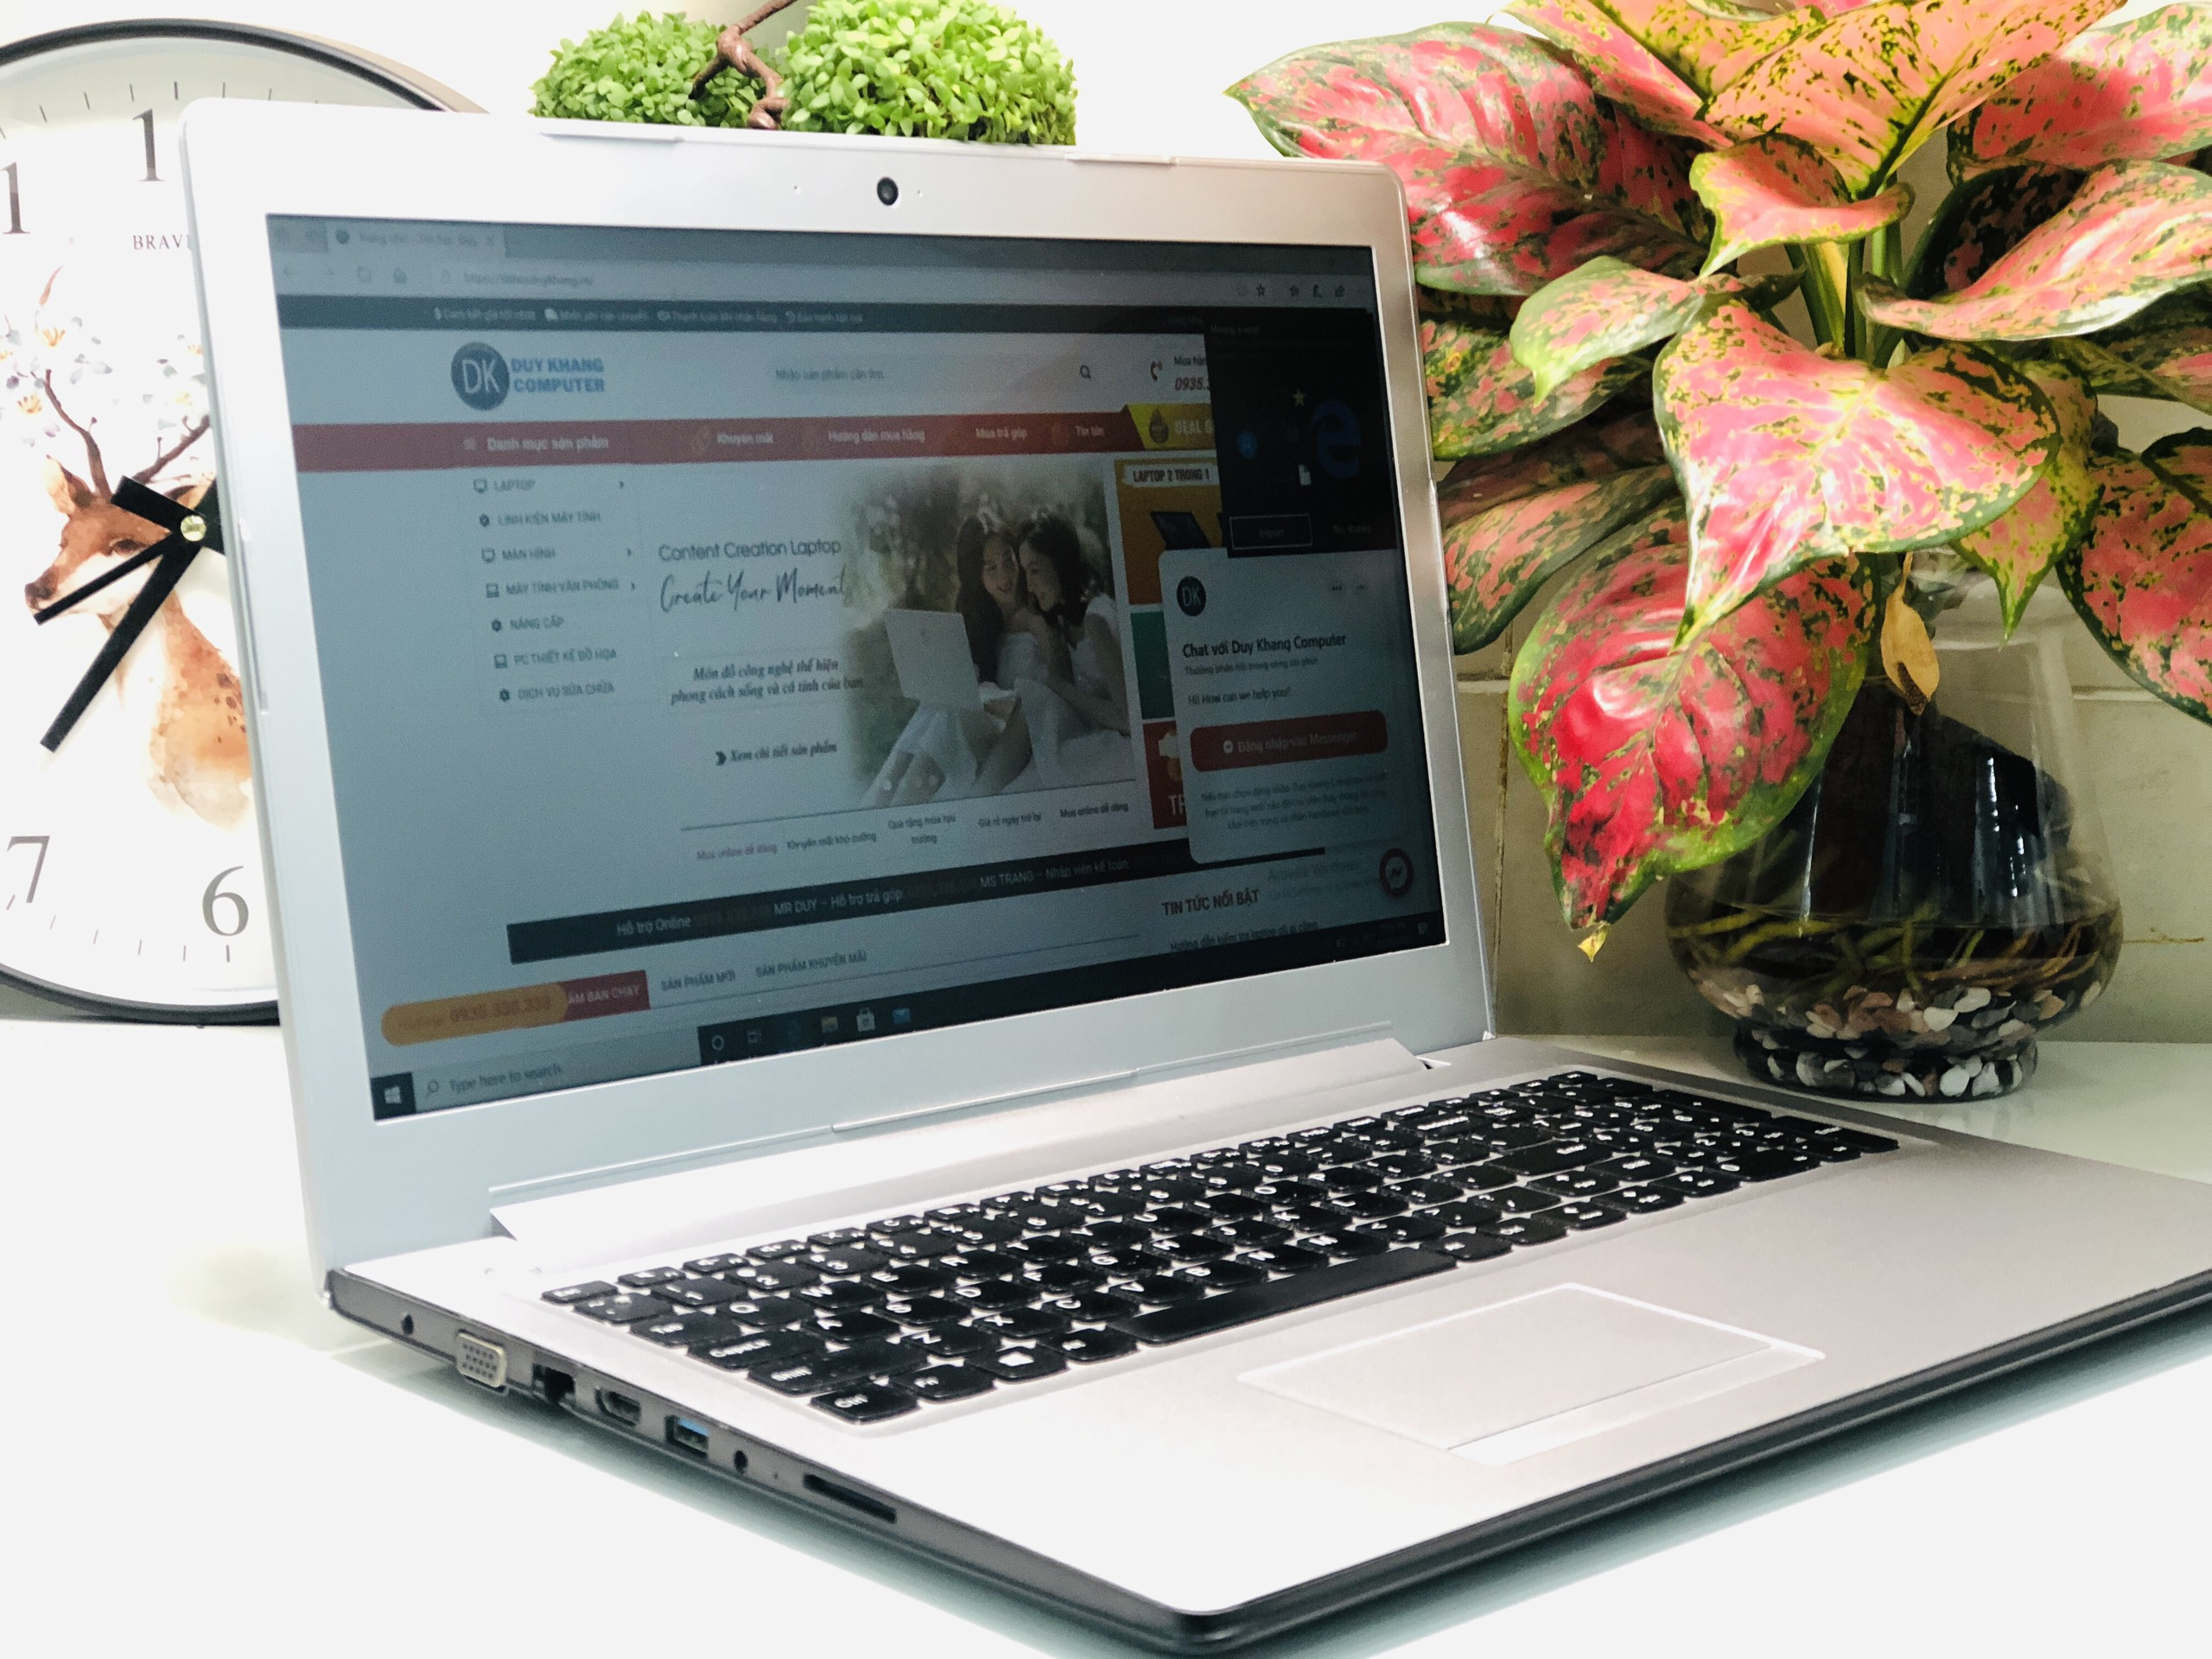 Lenovo IdeaPad 310 15IKB Laptop cũ phù hợp với sinh viên